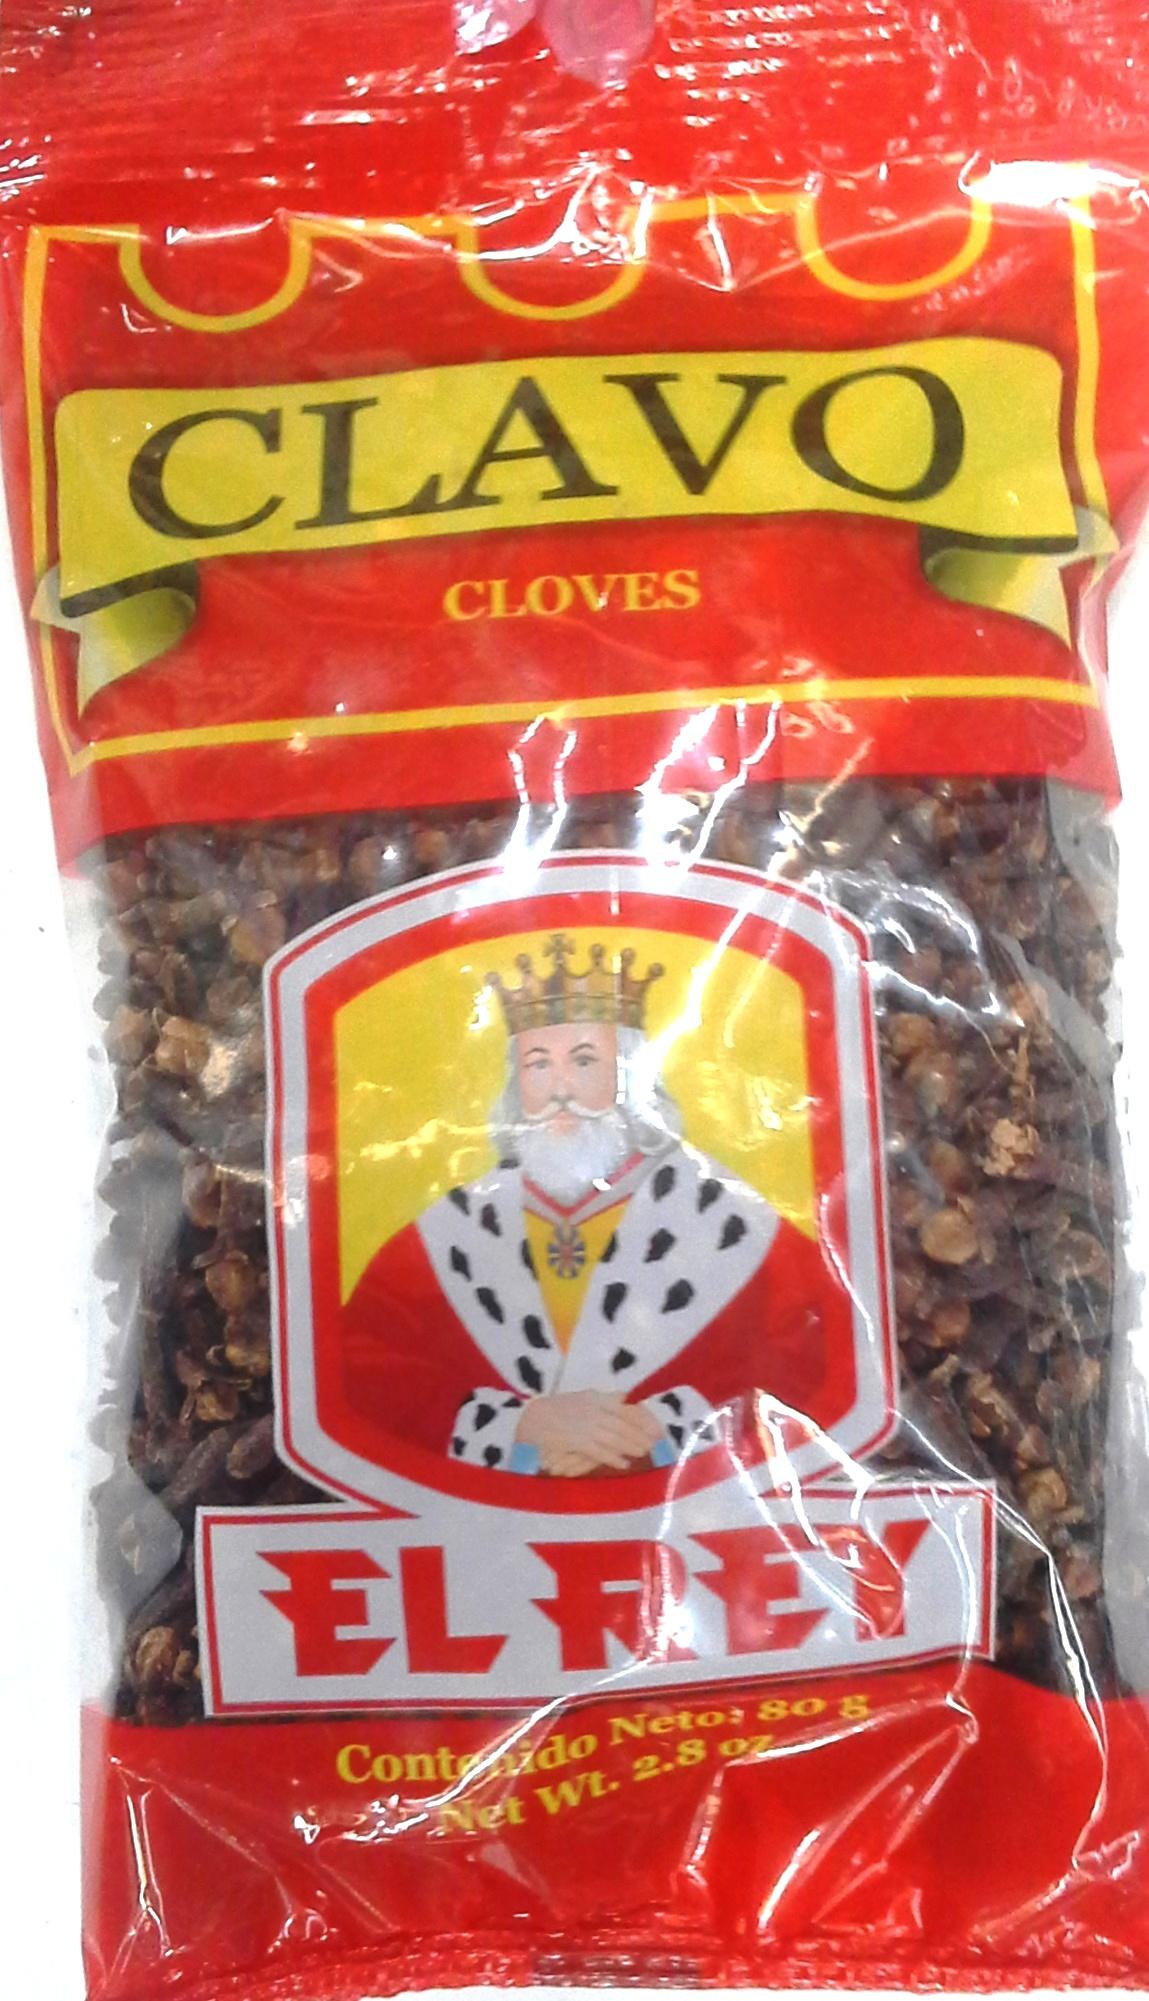 Clavo Pepa el rey 80g